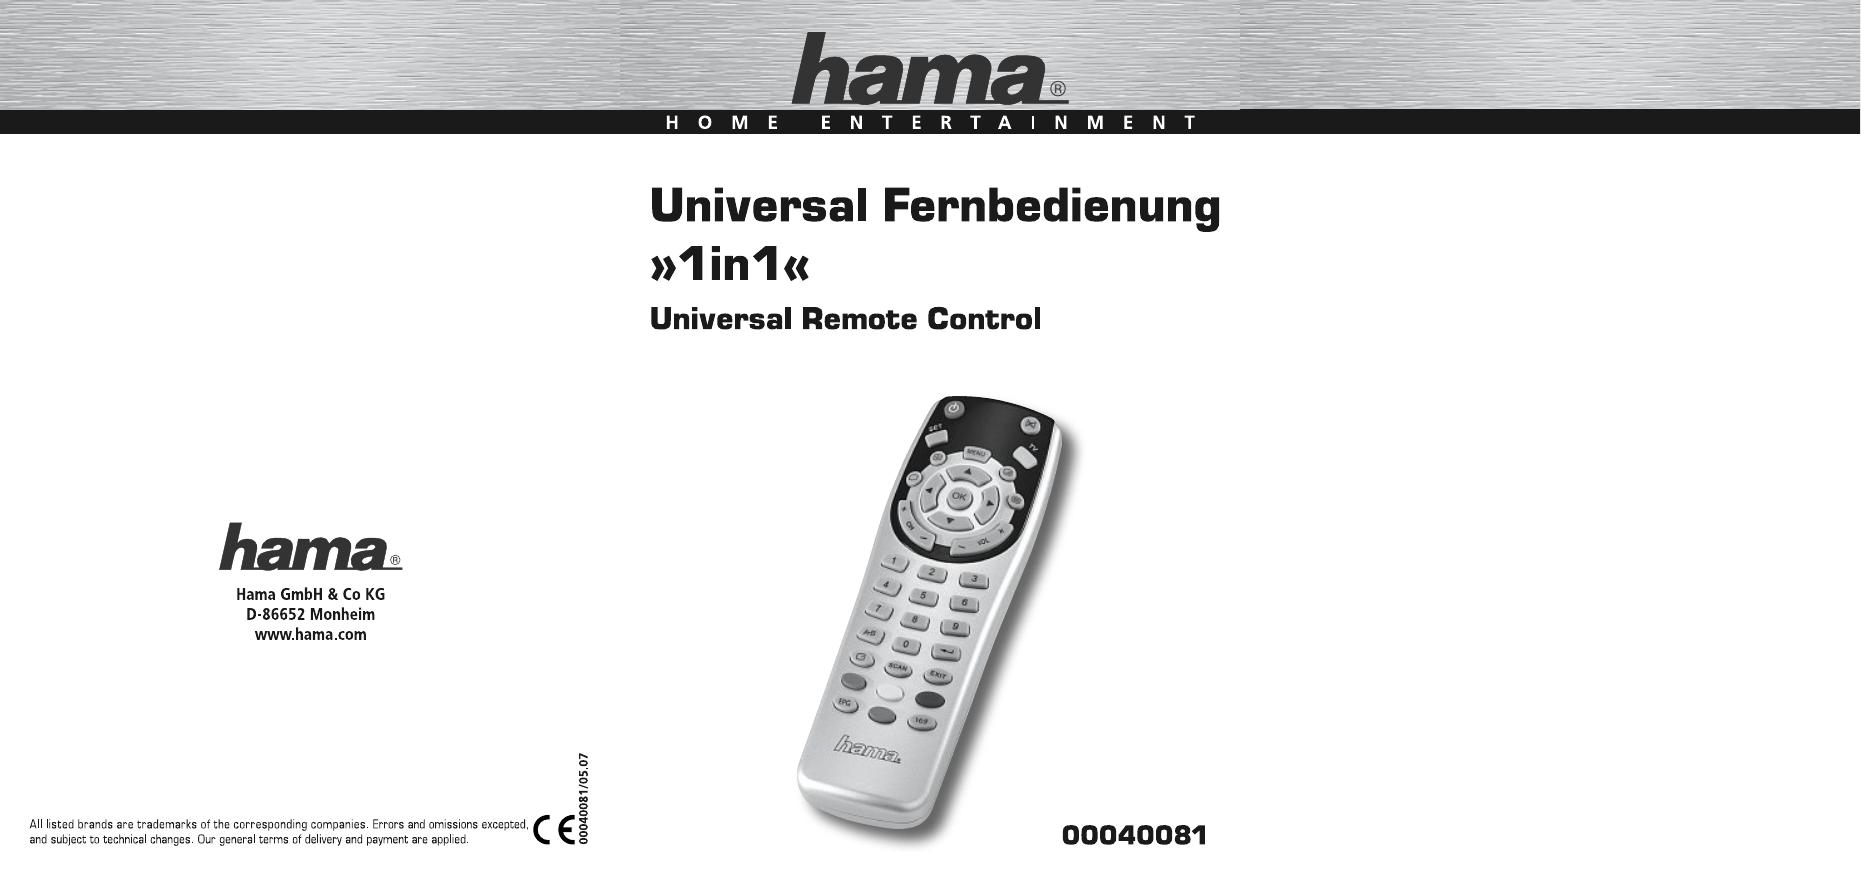 Hama 00040081 Universal 1in1 Remote Control